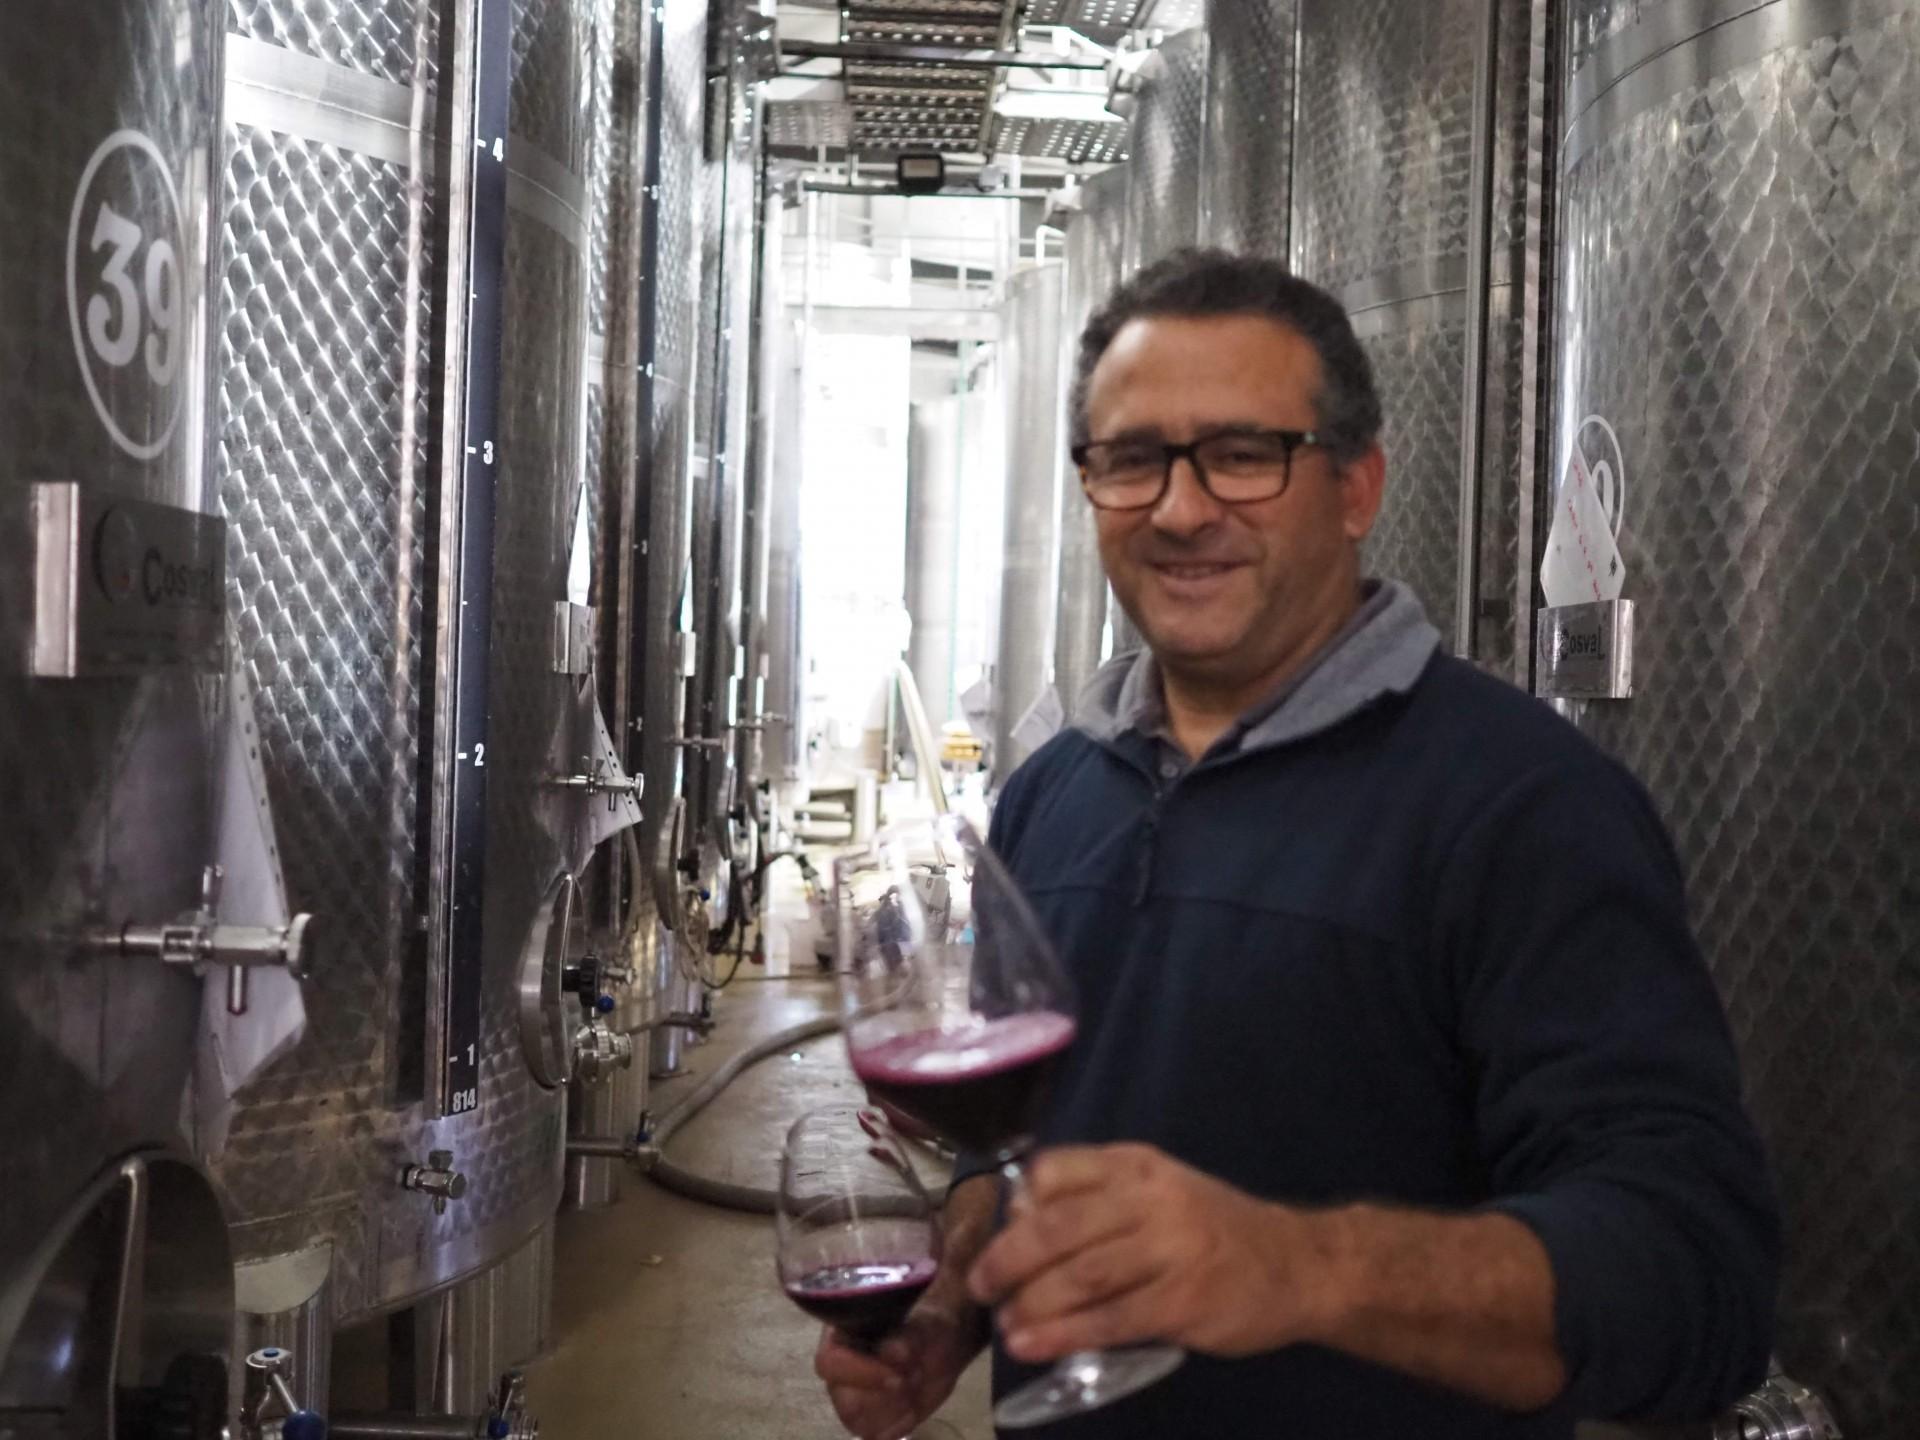 CARM醸造家のアントニオに醗酵途中のワインを試飲させてもらいました。